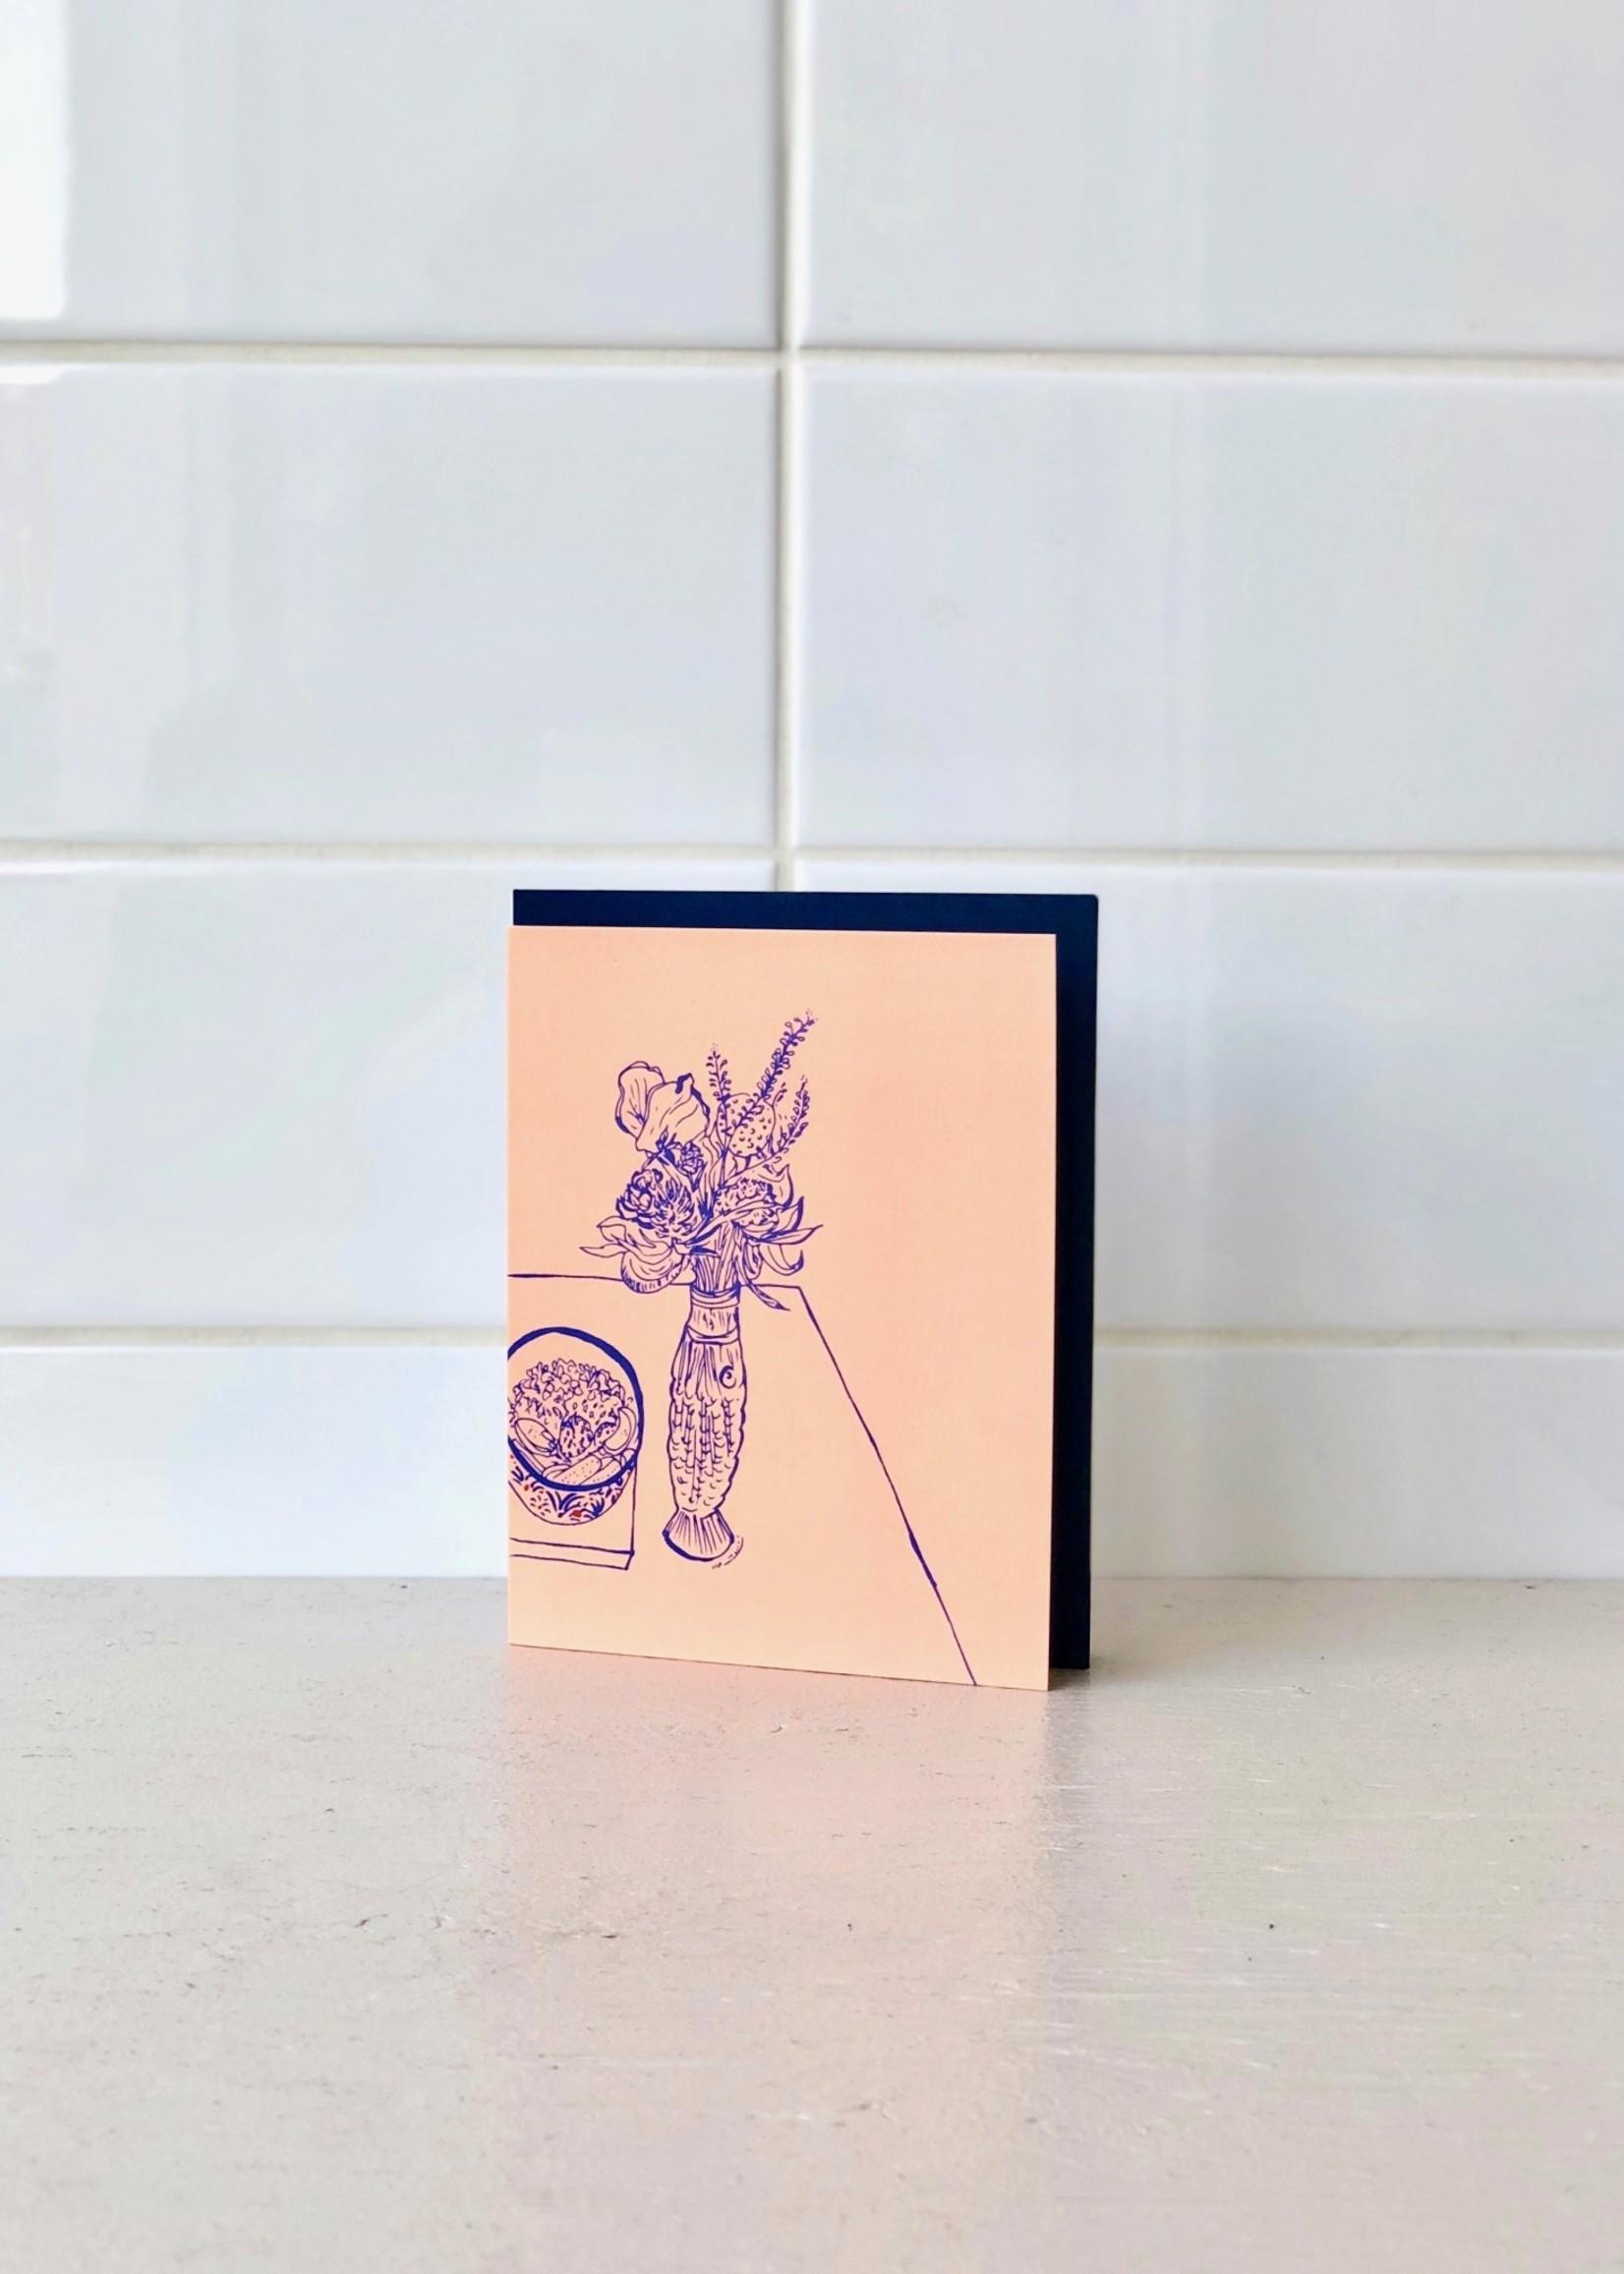 Bien à Vous Greeting Cards by Bien à Vous